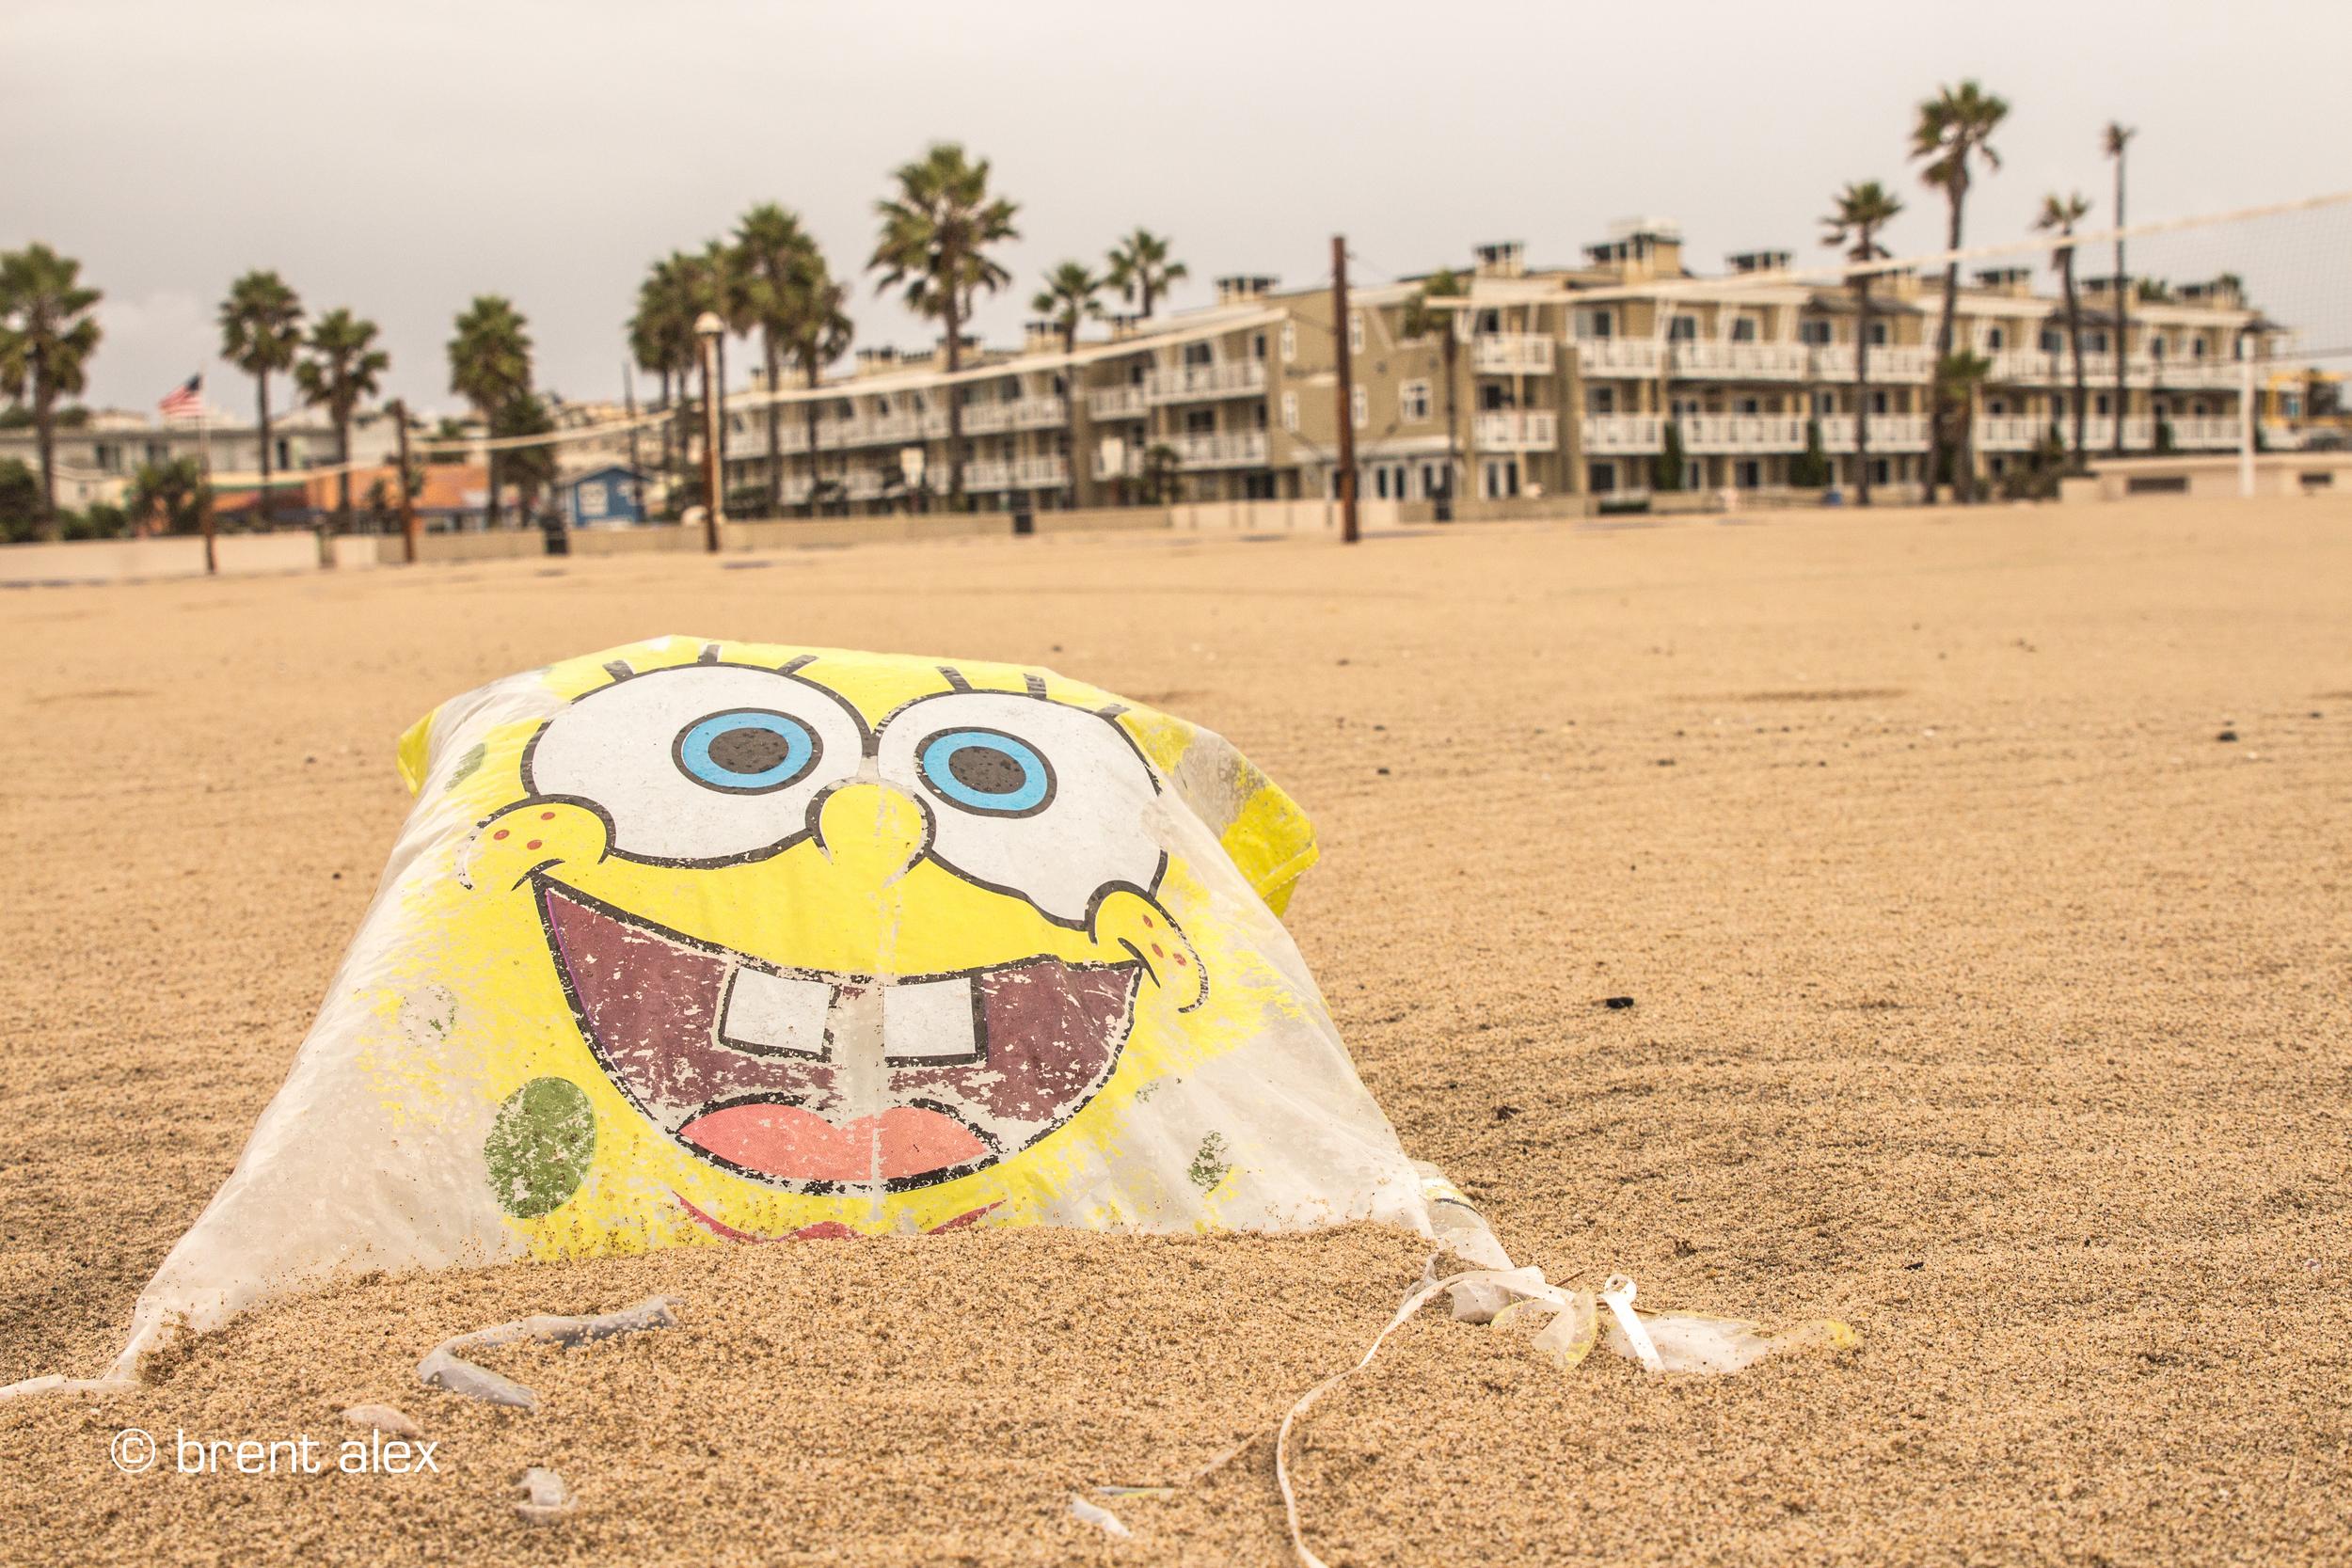 sponge+bob+square+trash-2.jpg